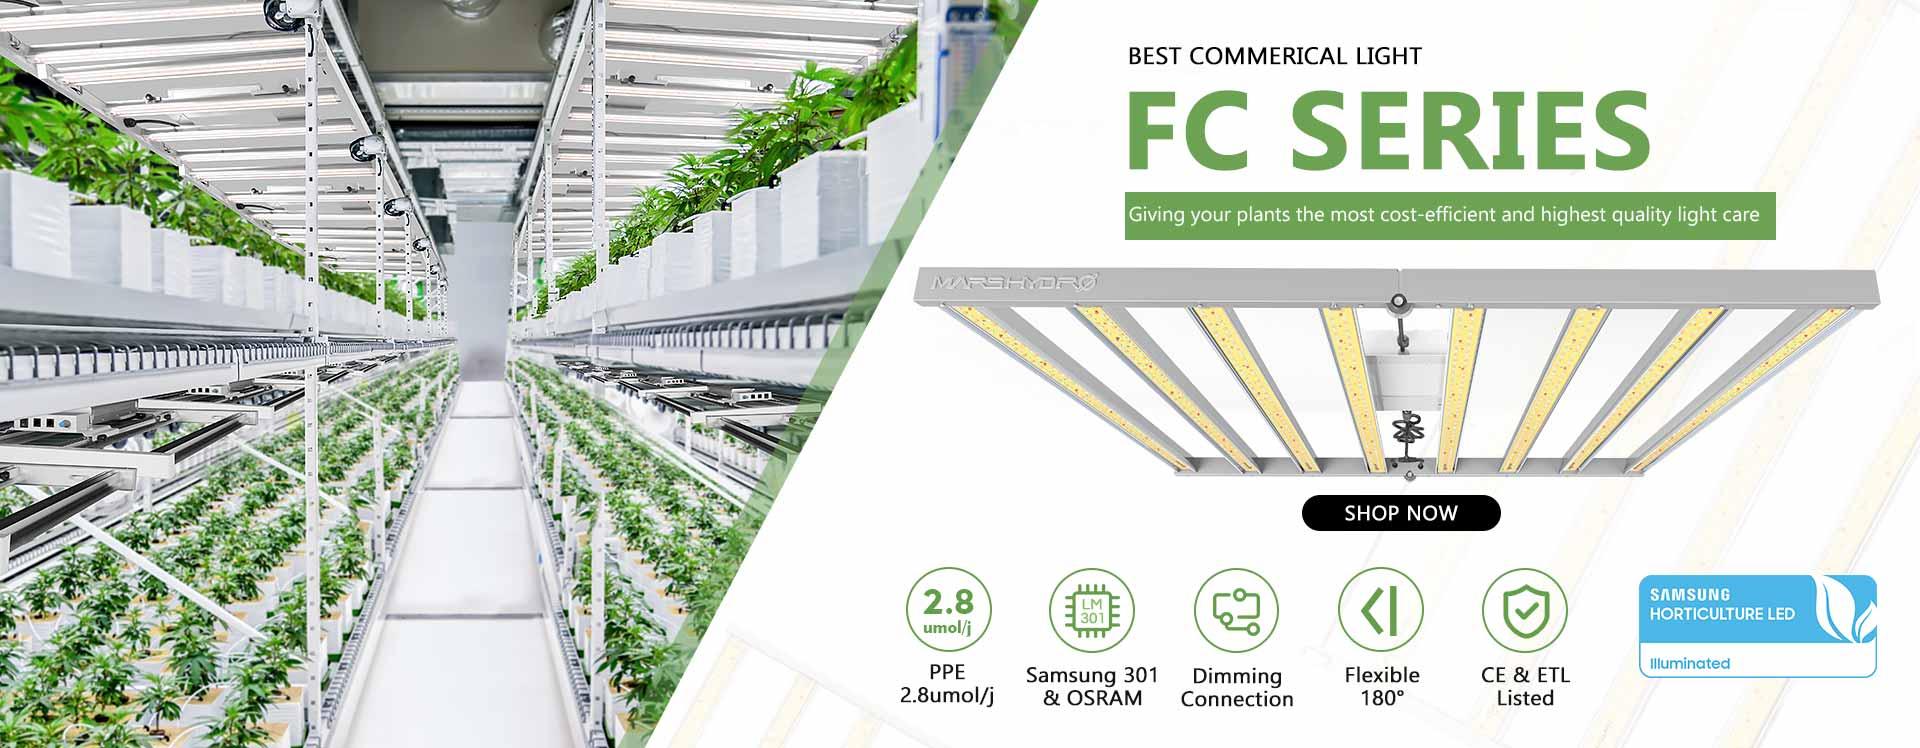 FC-banner_d95ed062-7ffe-4cbe-ad35-e62d847f1104